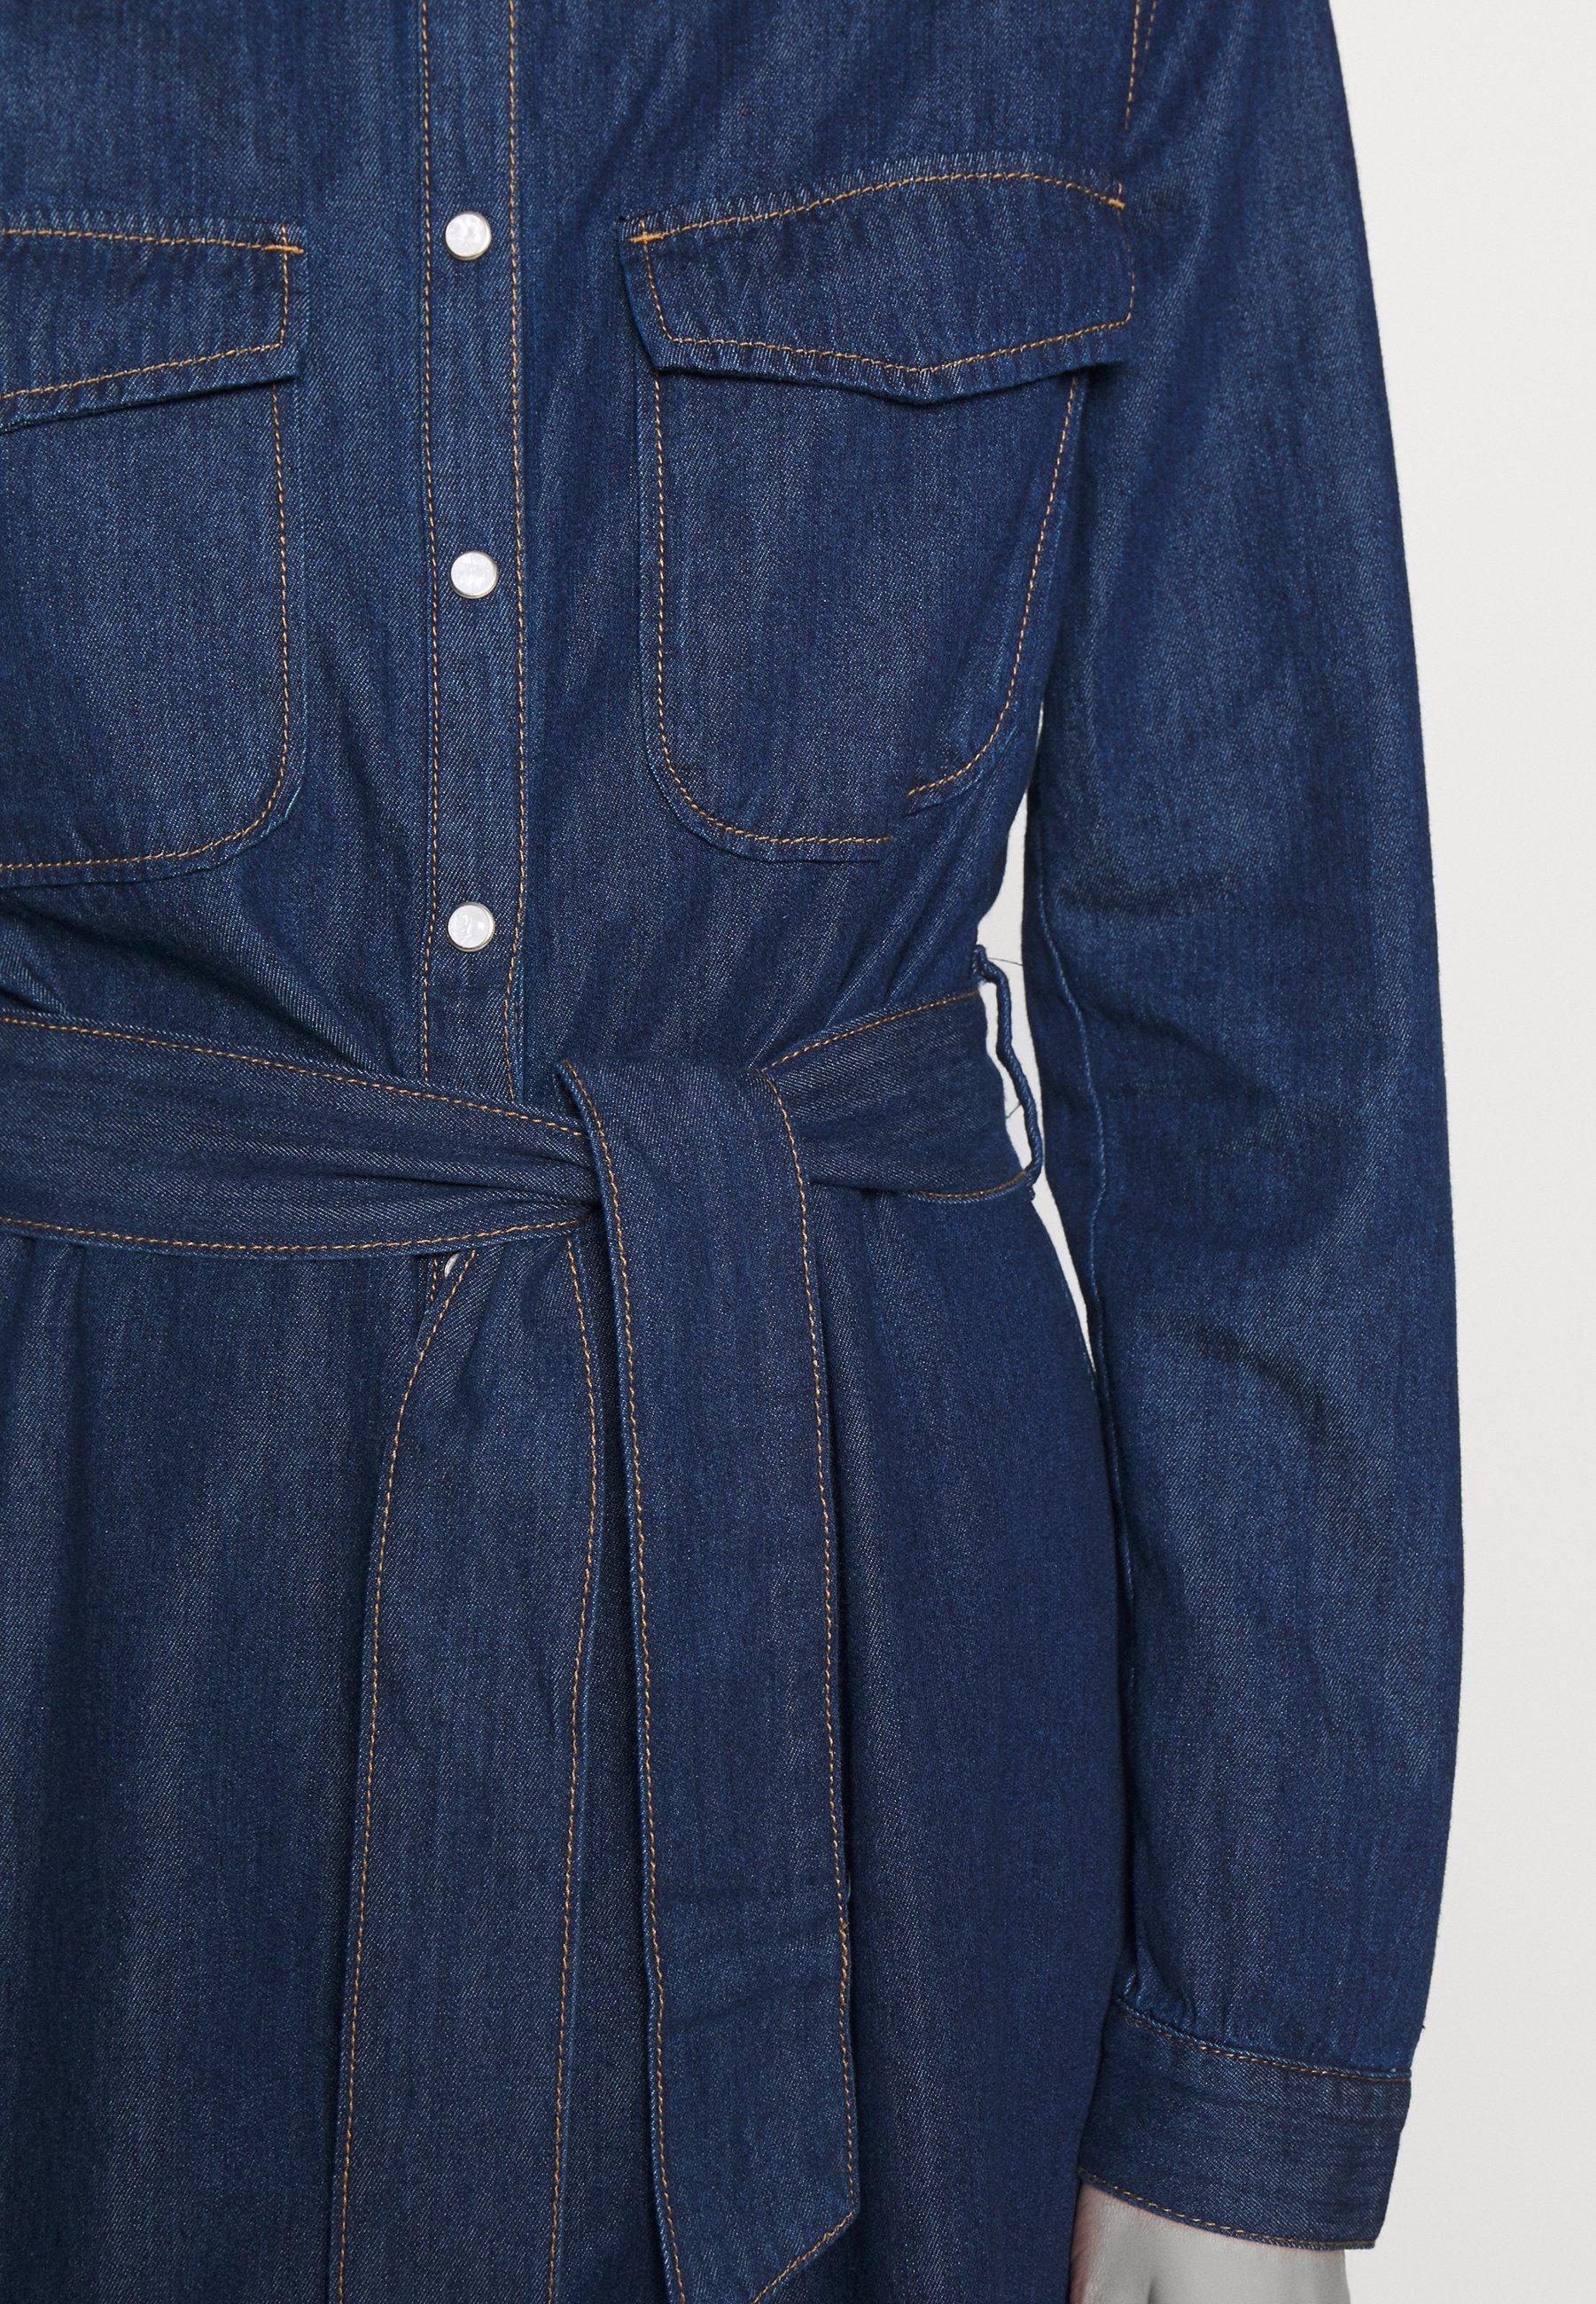 S.oliver Jeanskleid - Blue Denim Black Friday